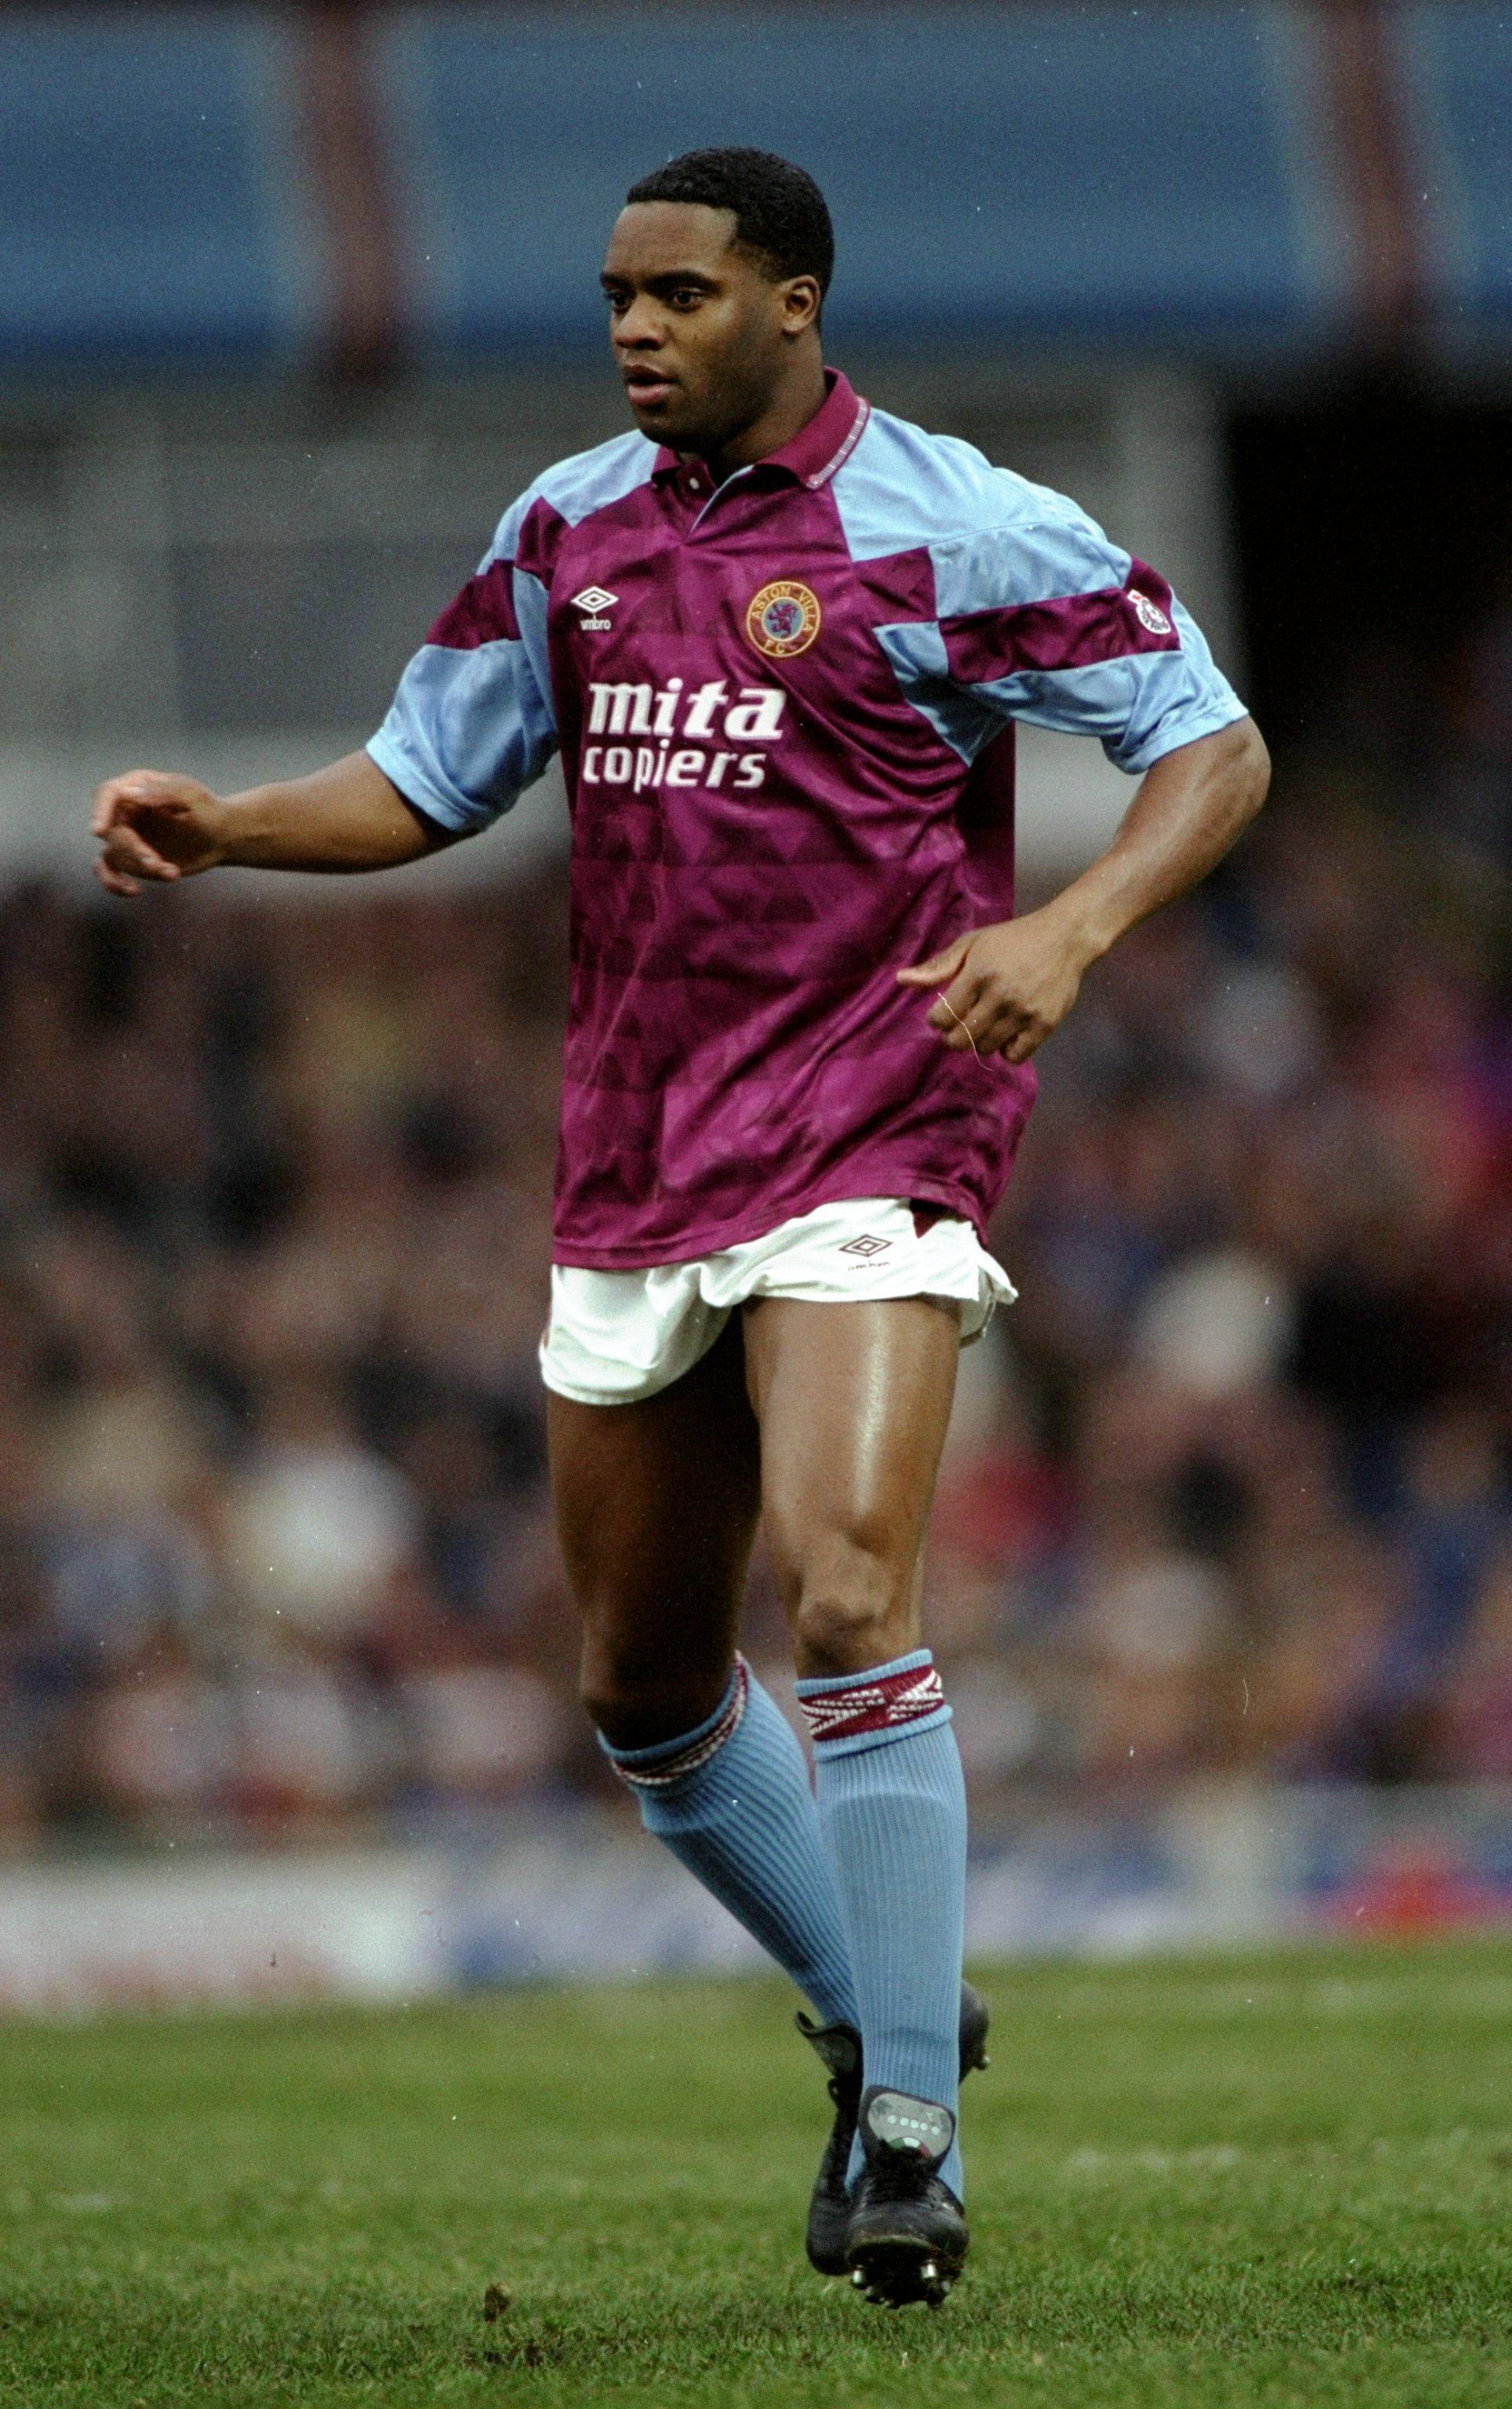 Dalian Atkinson of Aston Villa